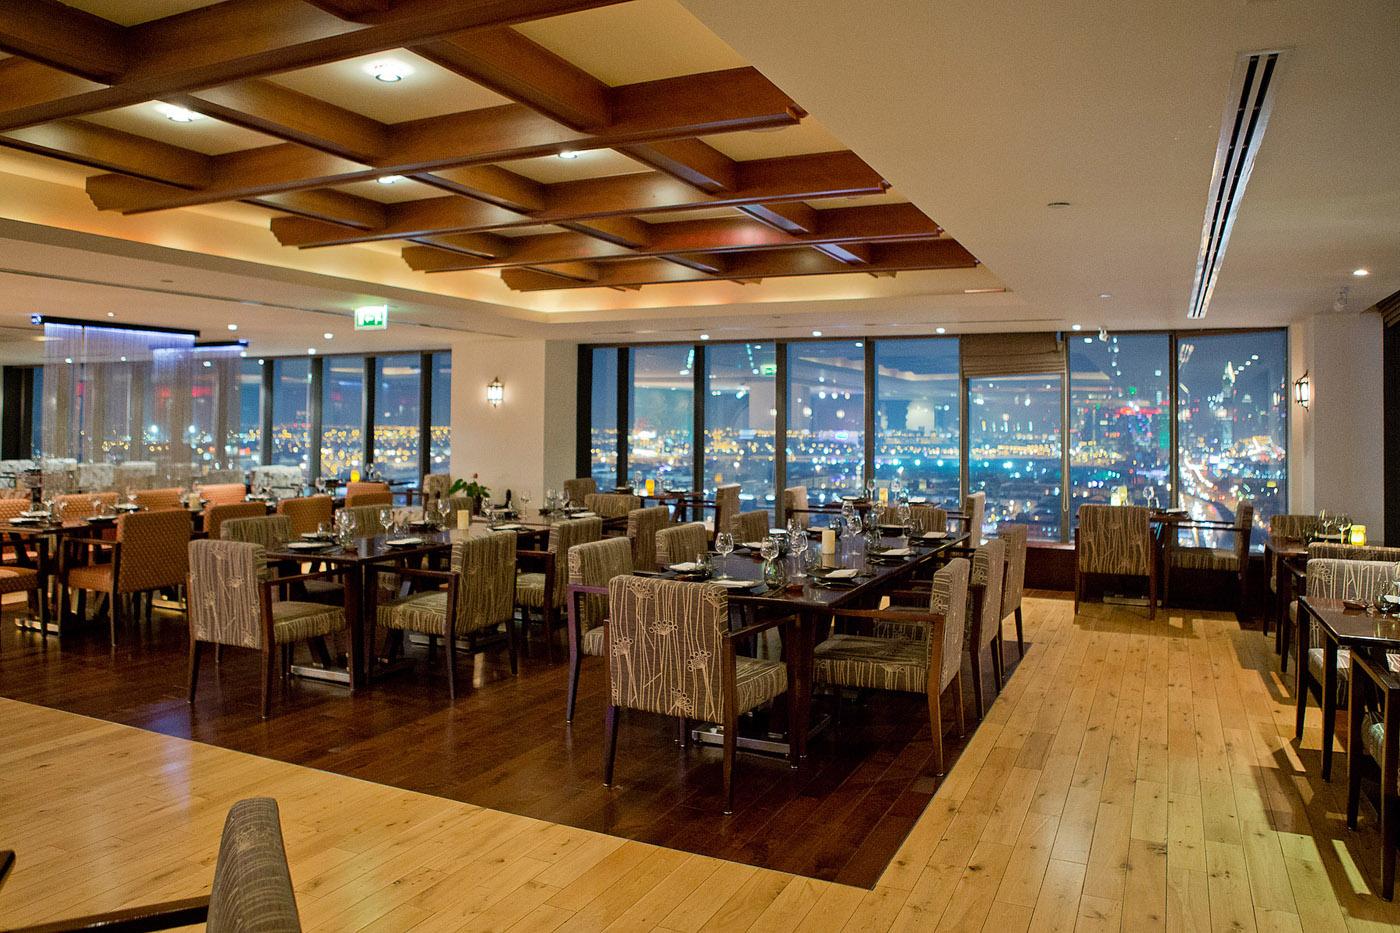 Park Regis Hotel Bur Dubai